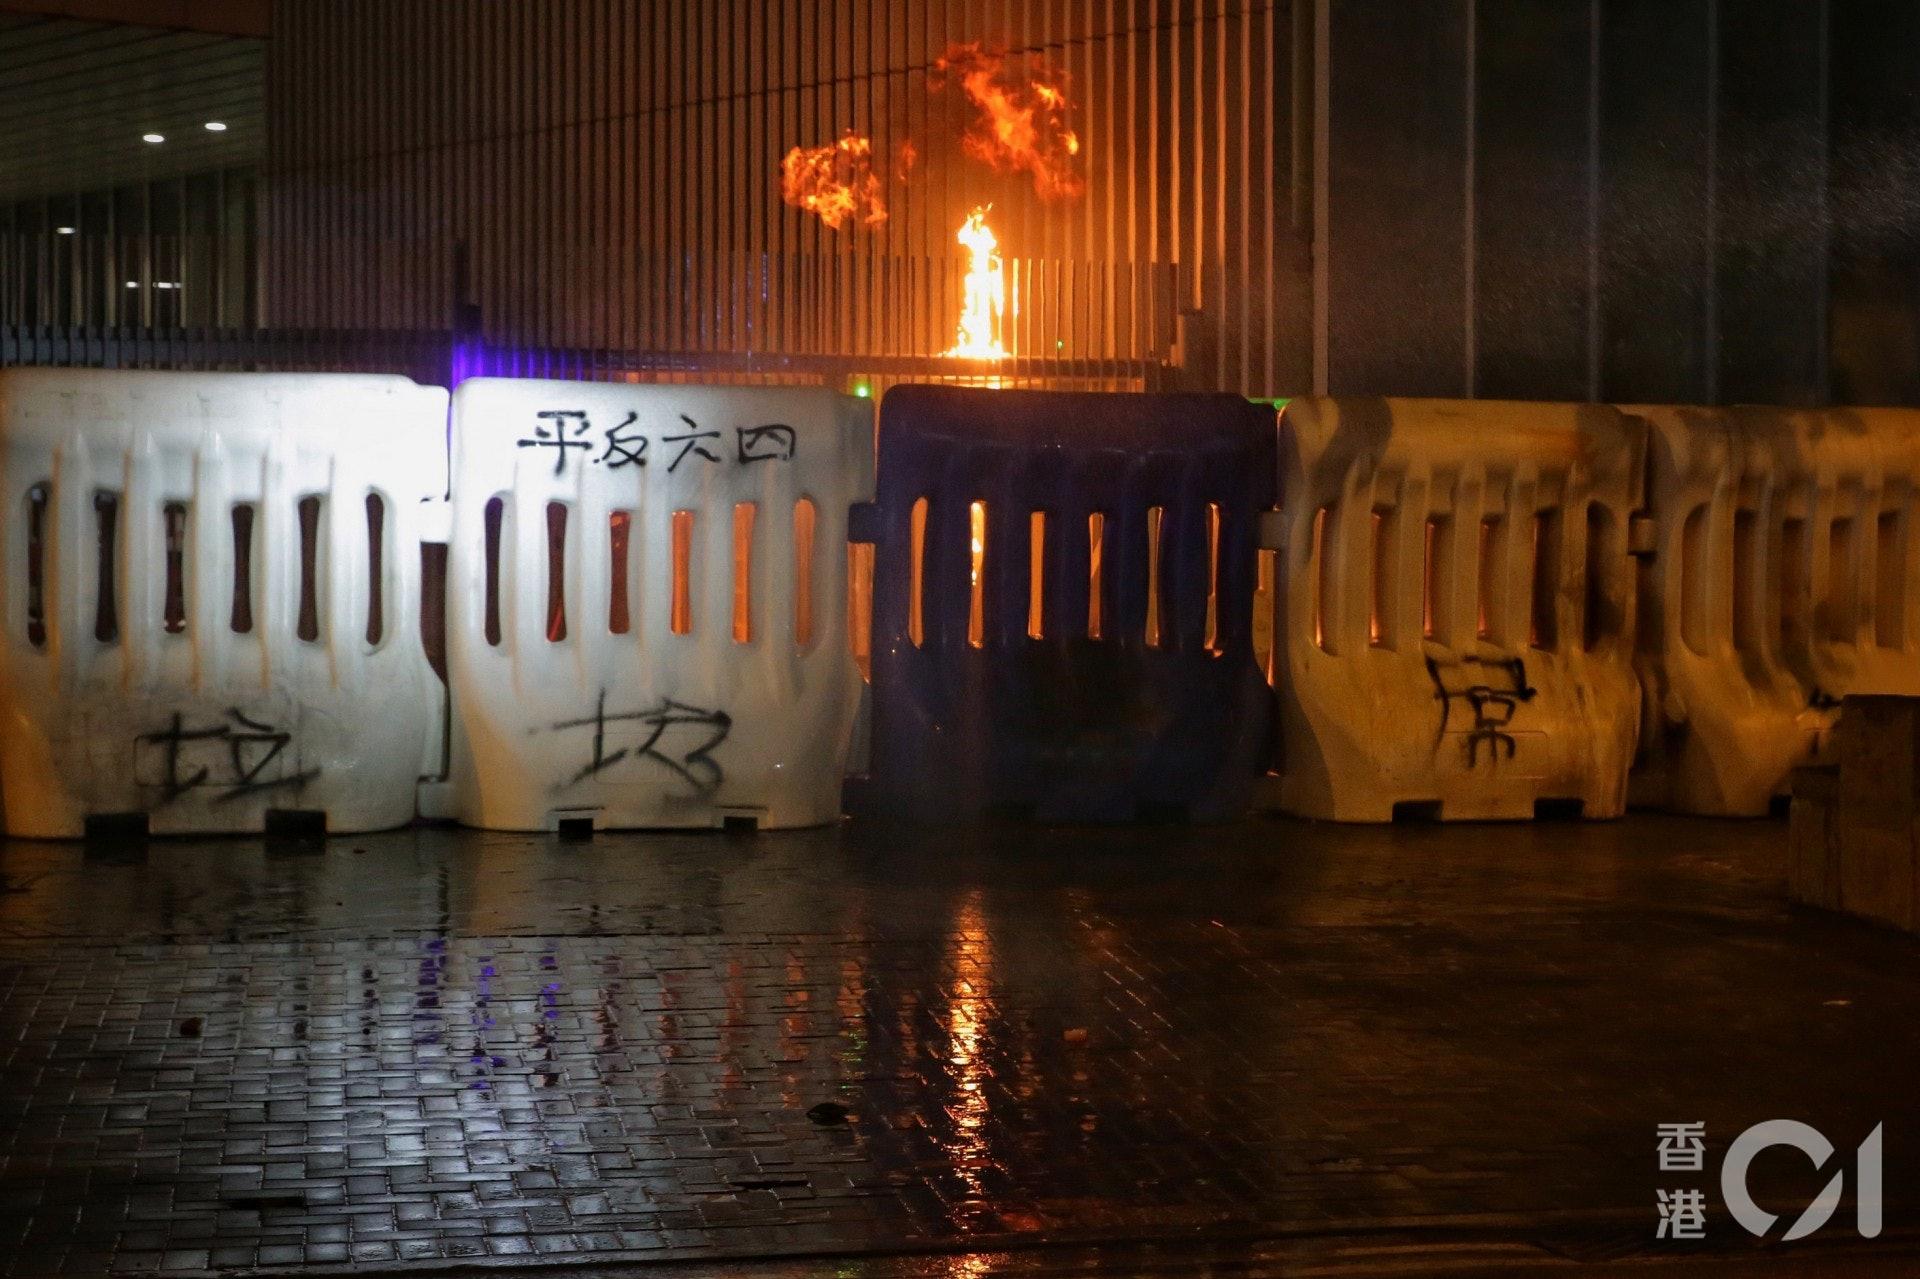 2019年9月28日,示威者在特首辦外投擲汽油彈。(李澤彤攝)